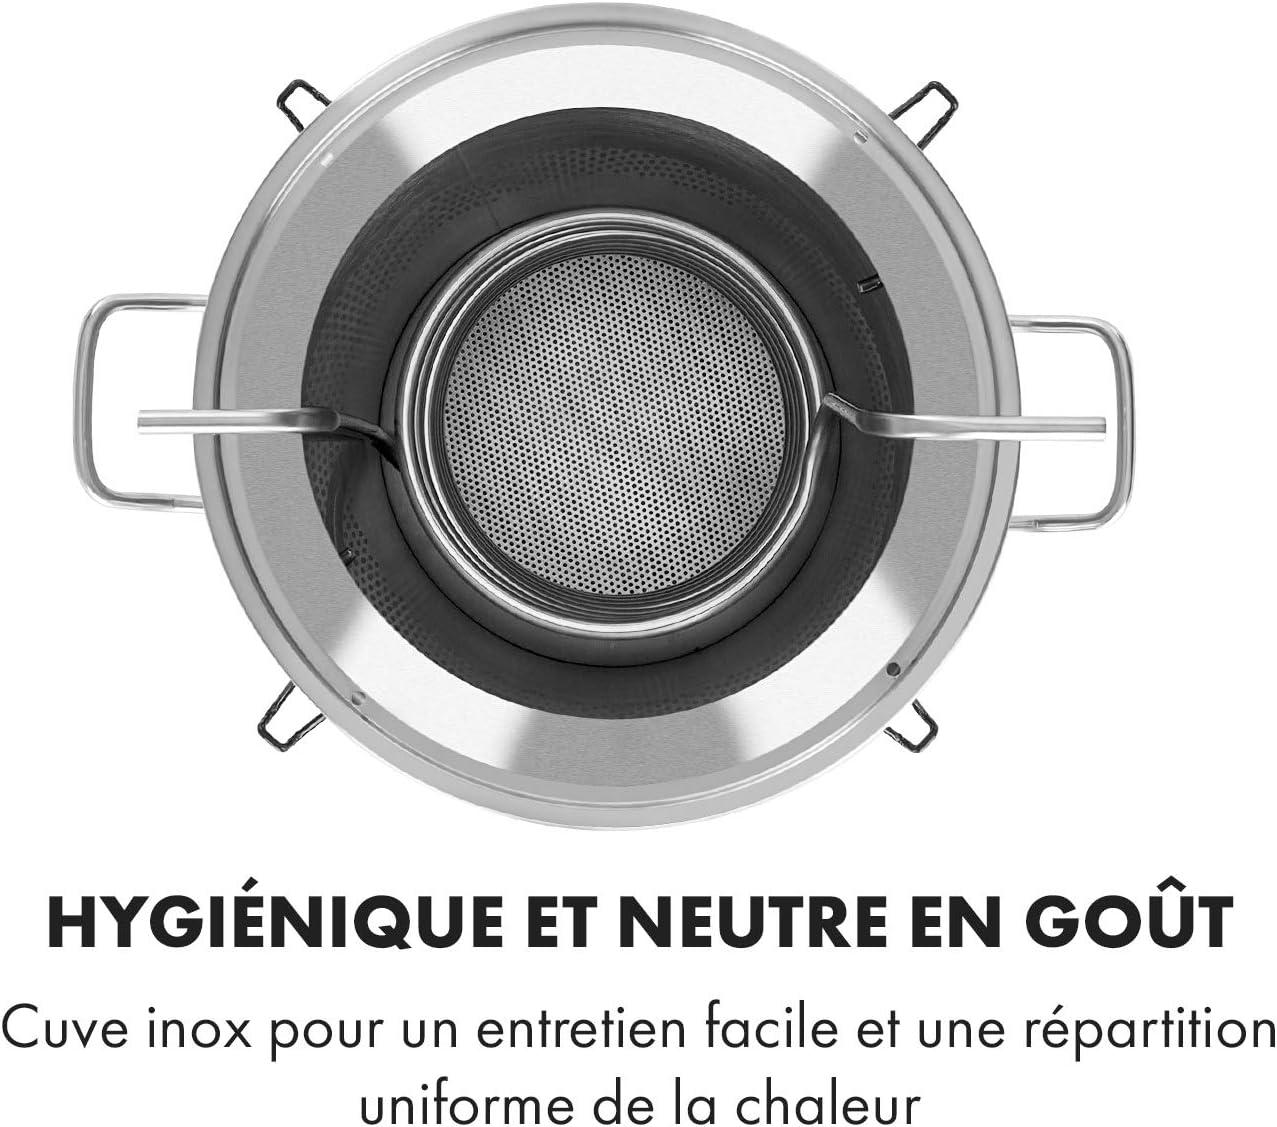 Volume 25L INOX 304 /Écran LCD KLARSTEIN Maischfest Boiler Bouchon en Acrylique Inclus Argent Modifie Pas Le go/ût Poign/ée Cuve de Fermentation Robinet de vidange